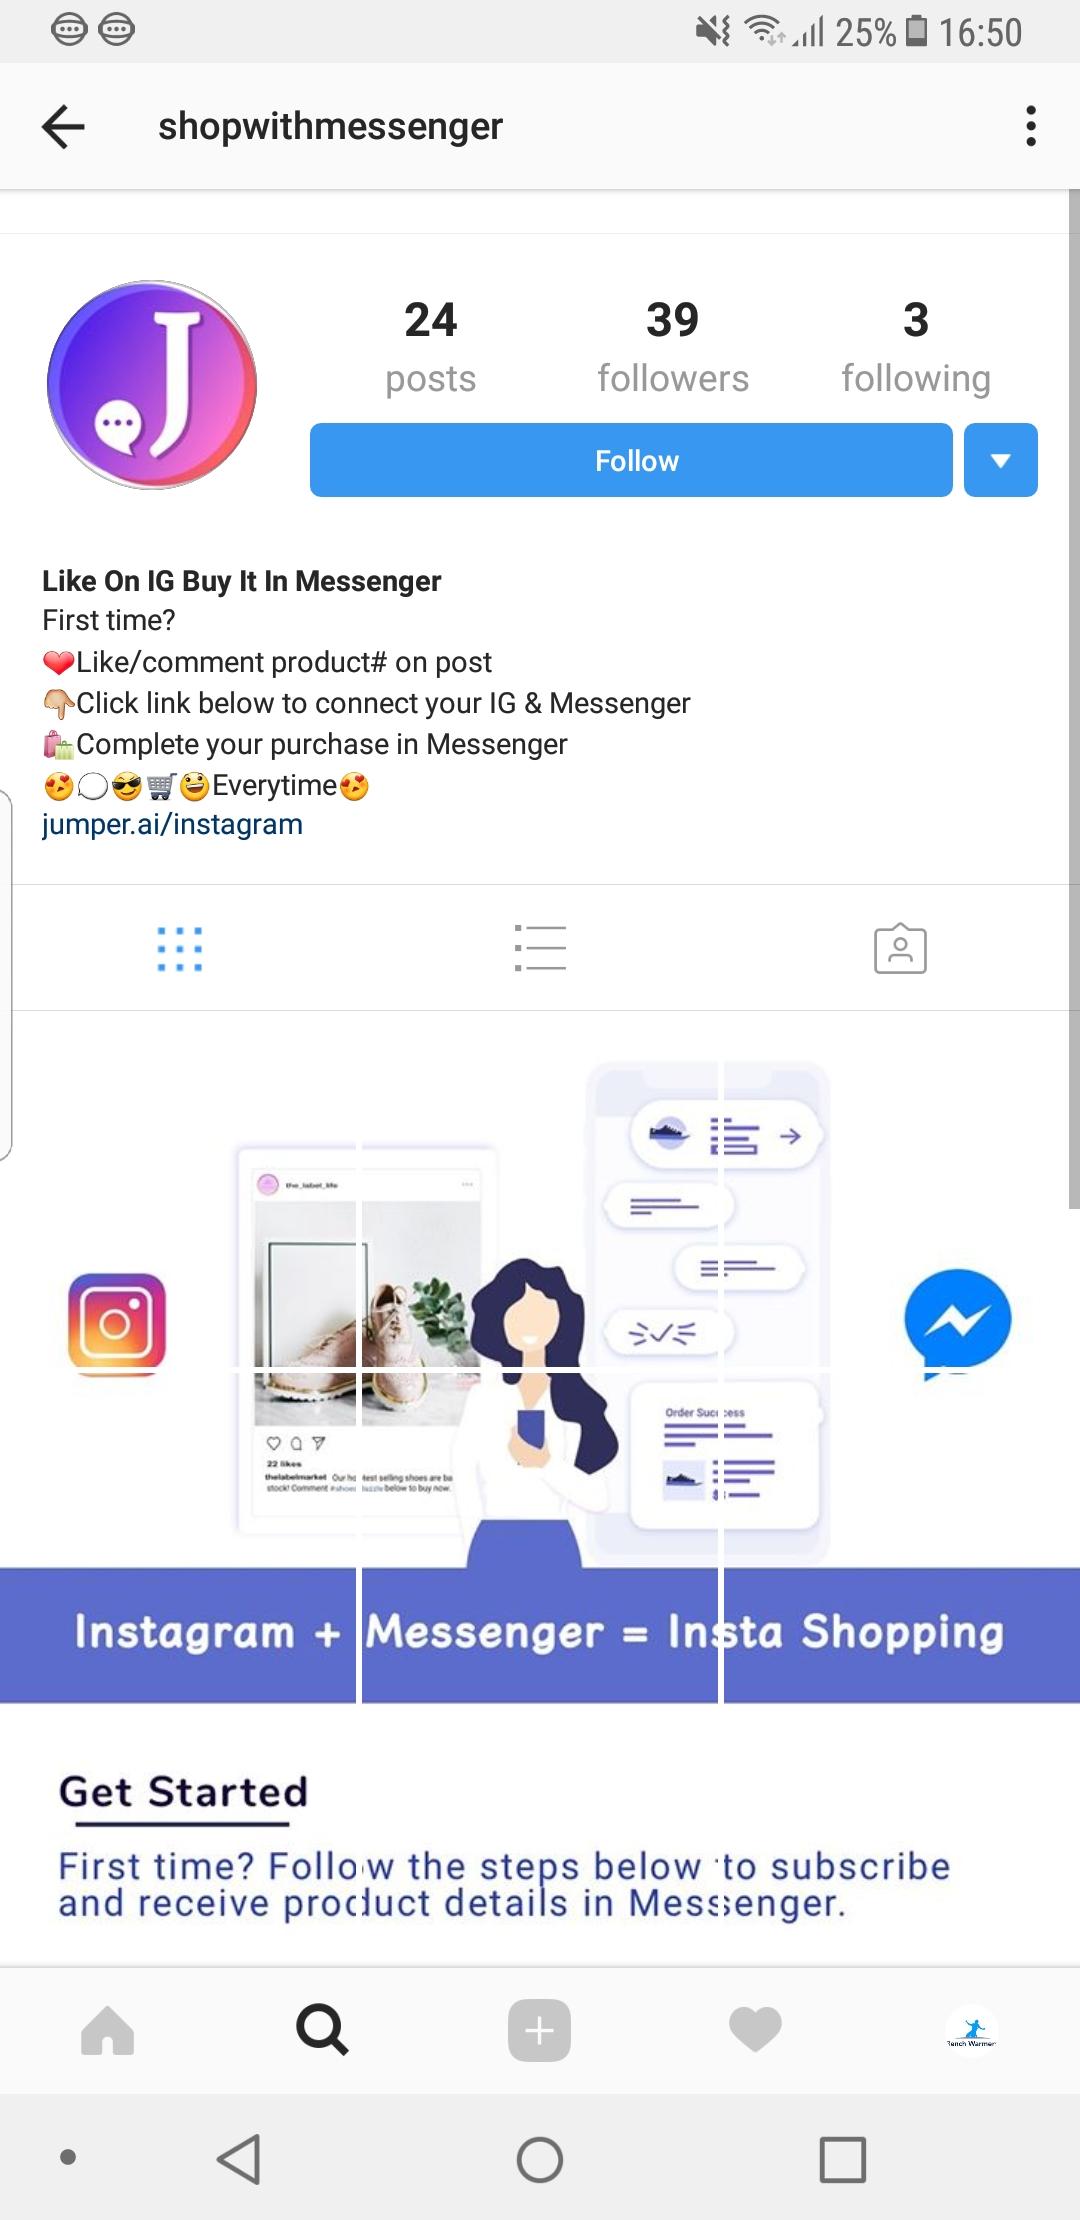 @shopwithmessenger instructions